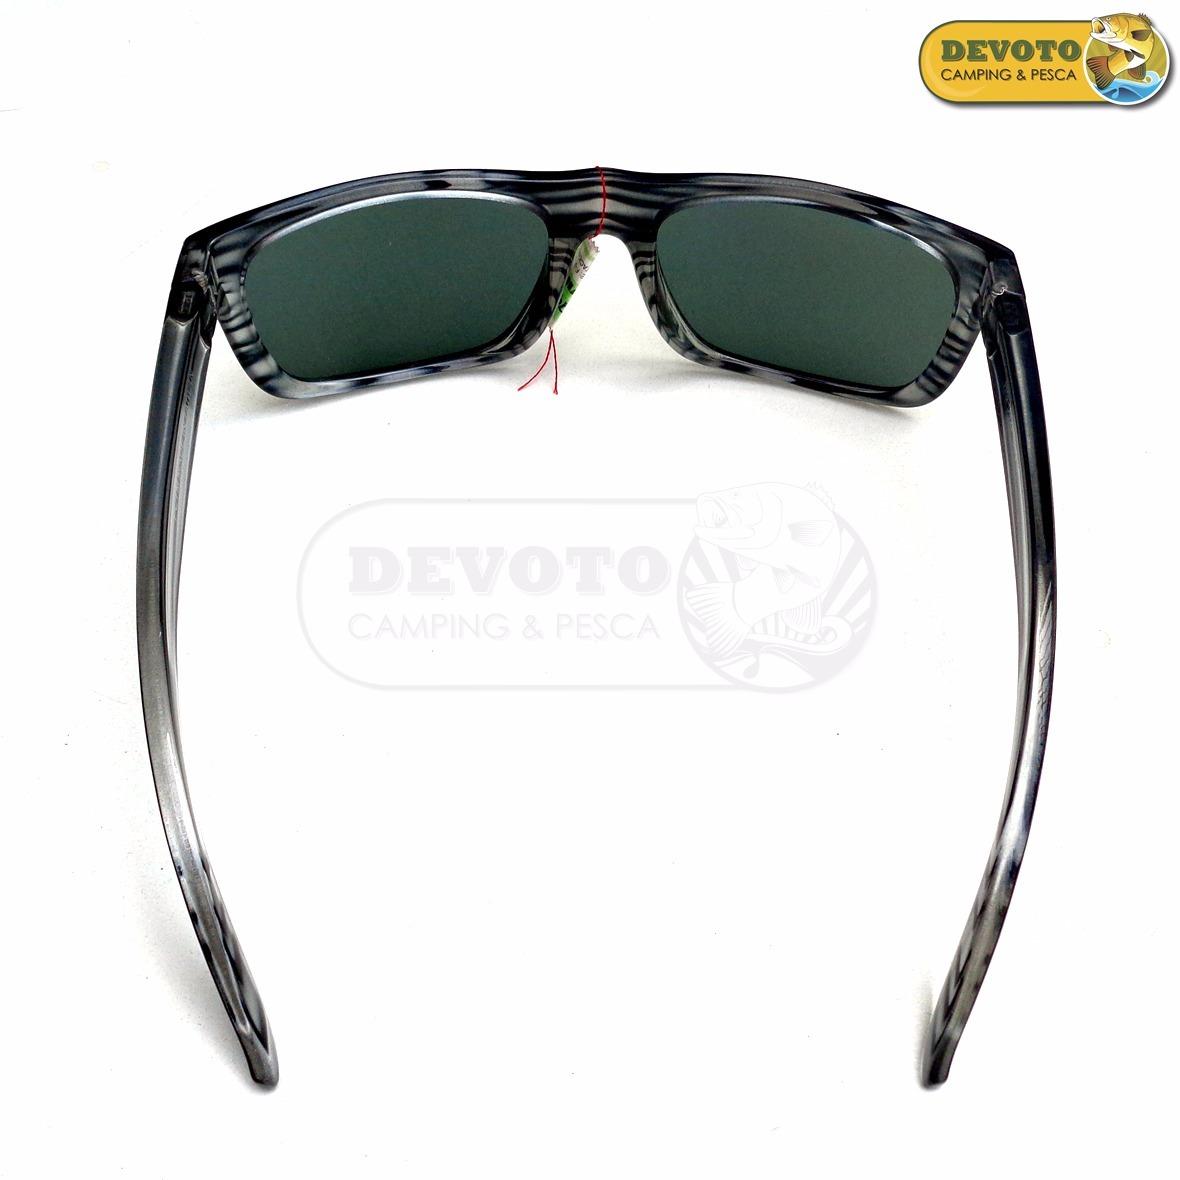 ca17eba277 anteojos lentes shimano para sol ciclismo trekking pesca uv. Cargando zoom.